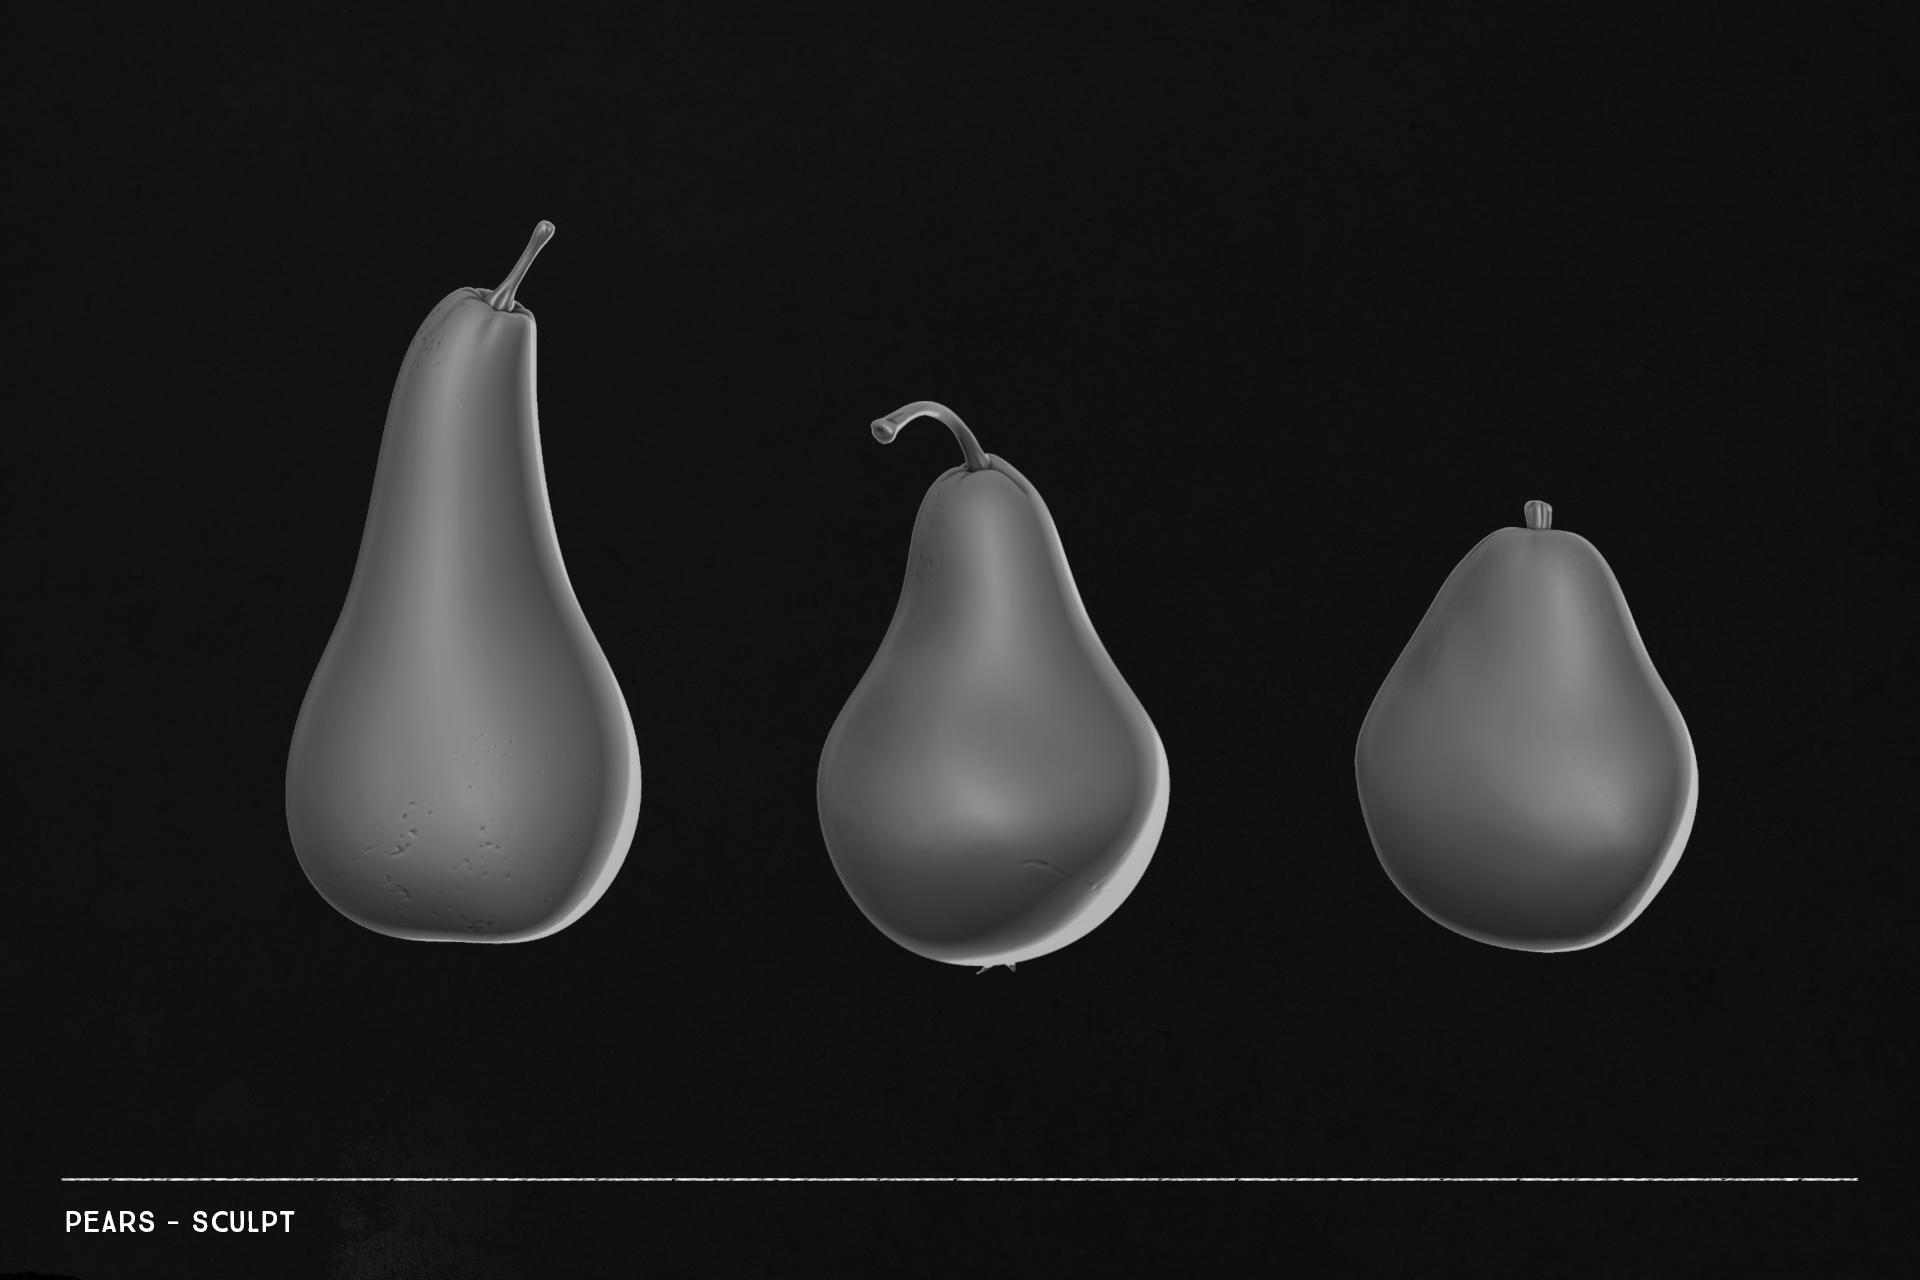 wicker_pears_sculpt.jpg